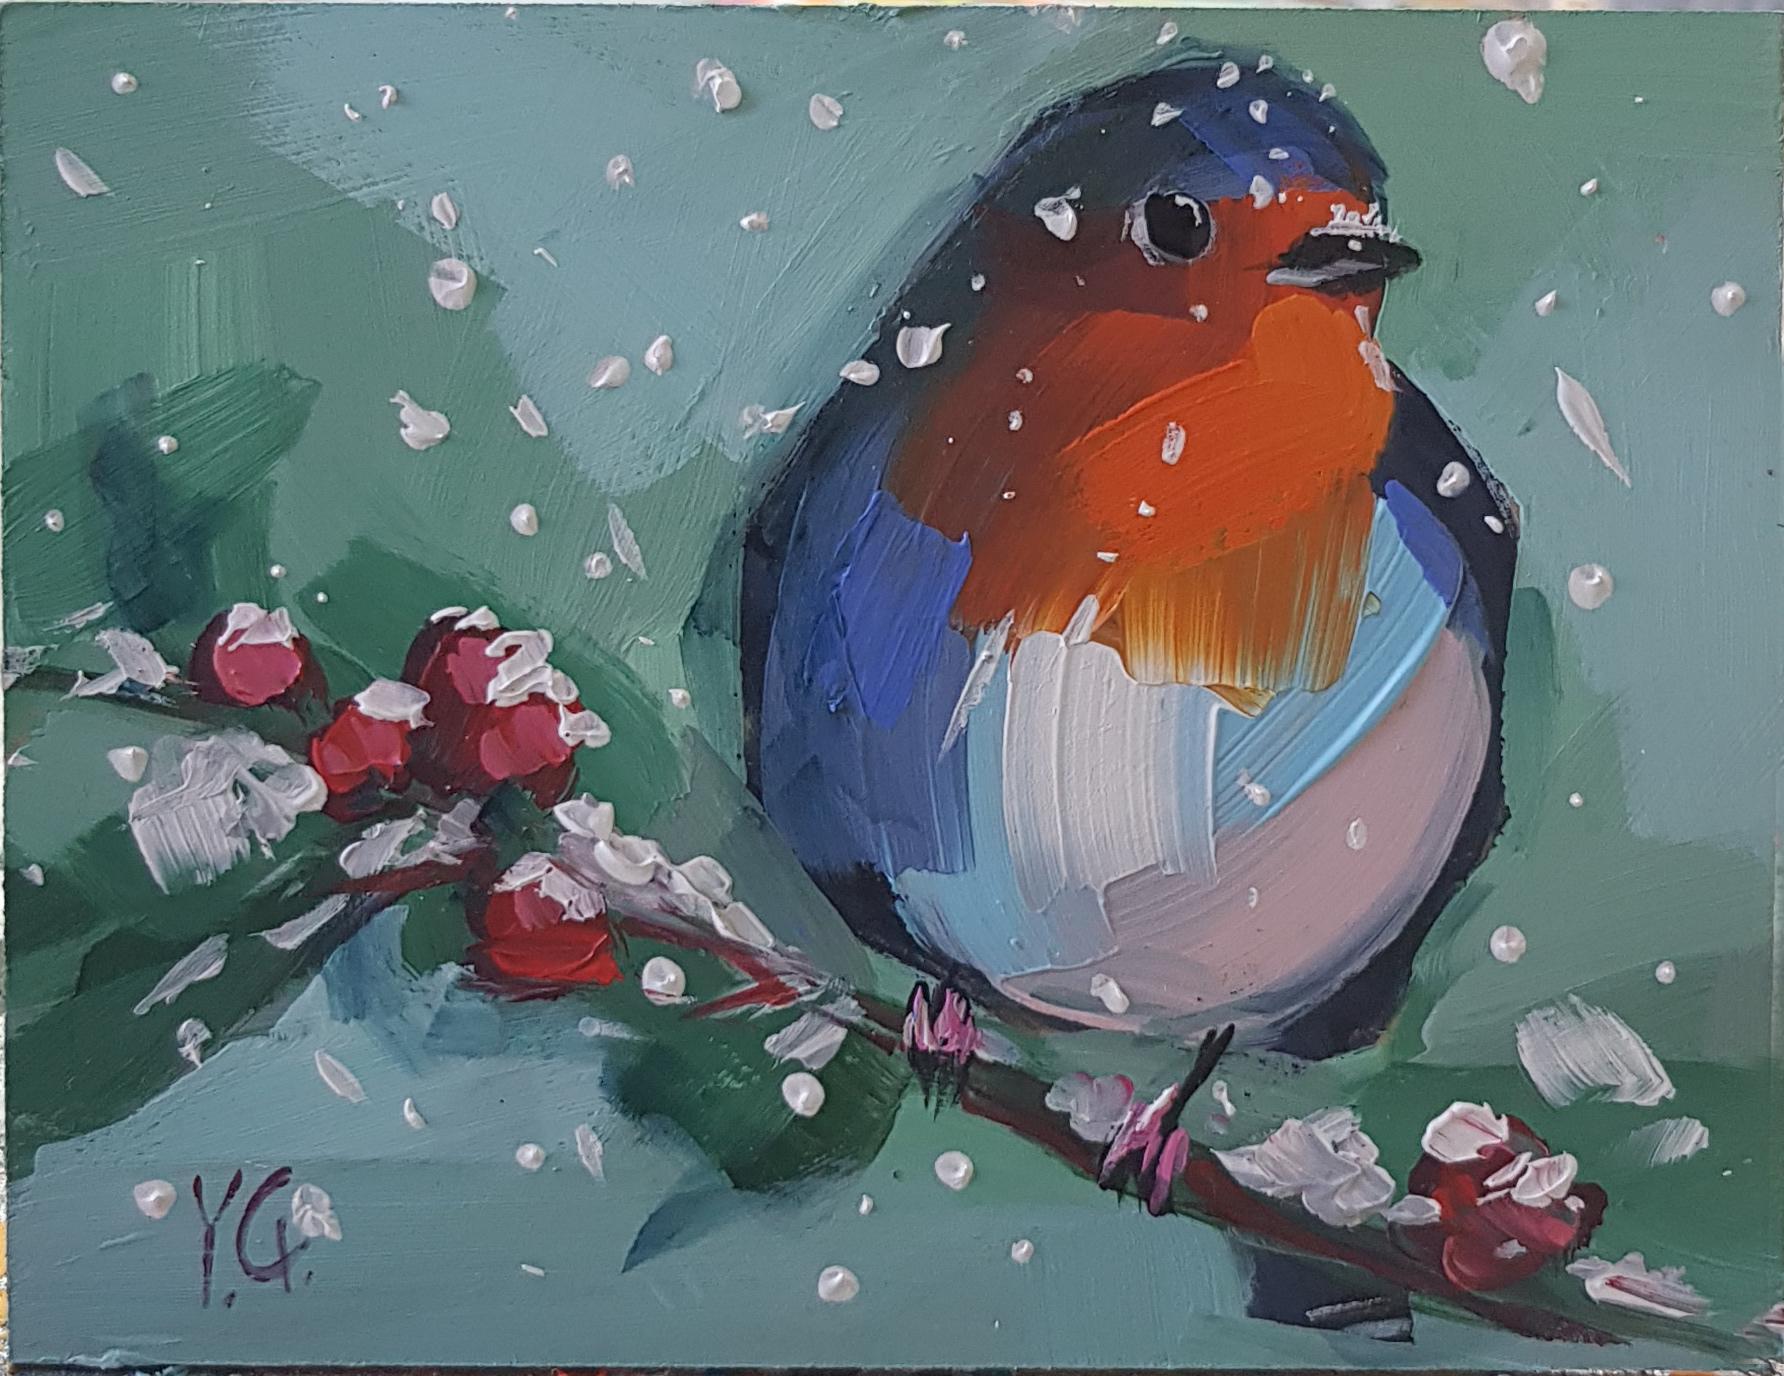 Yasna Godovanik's art